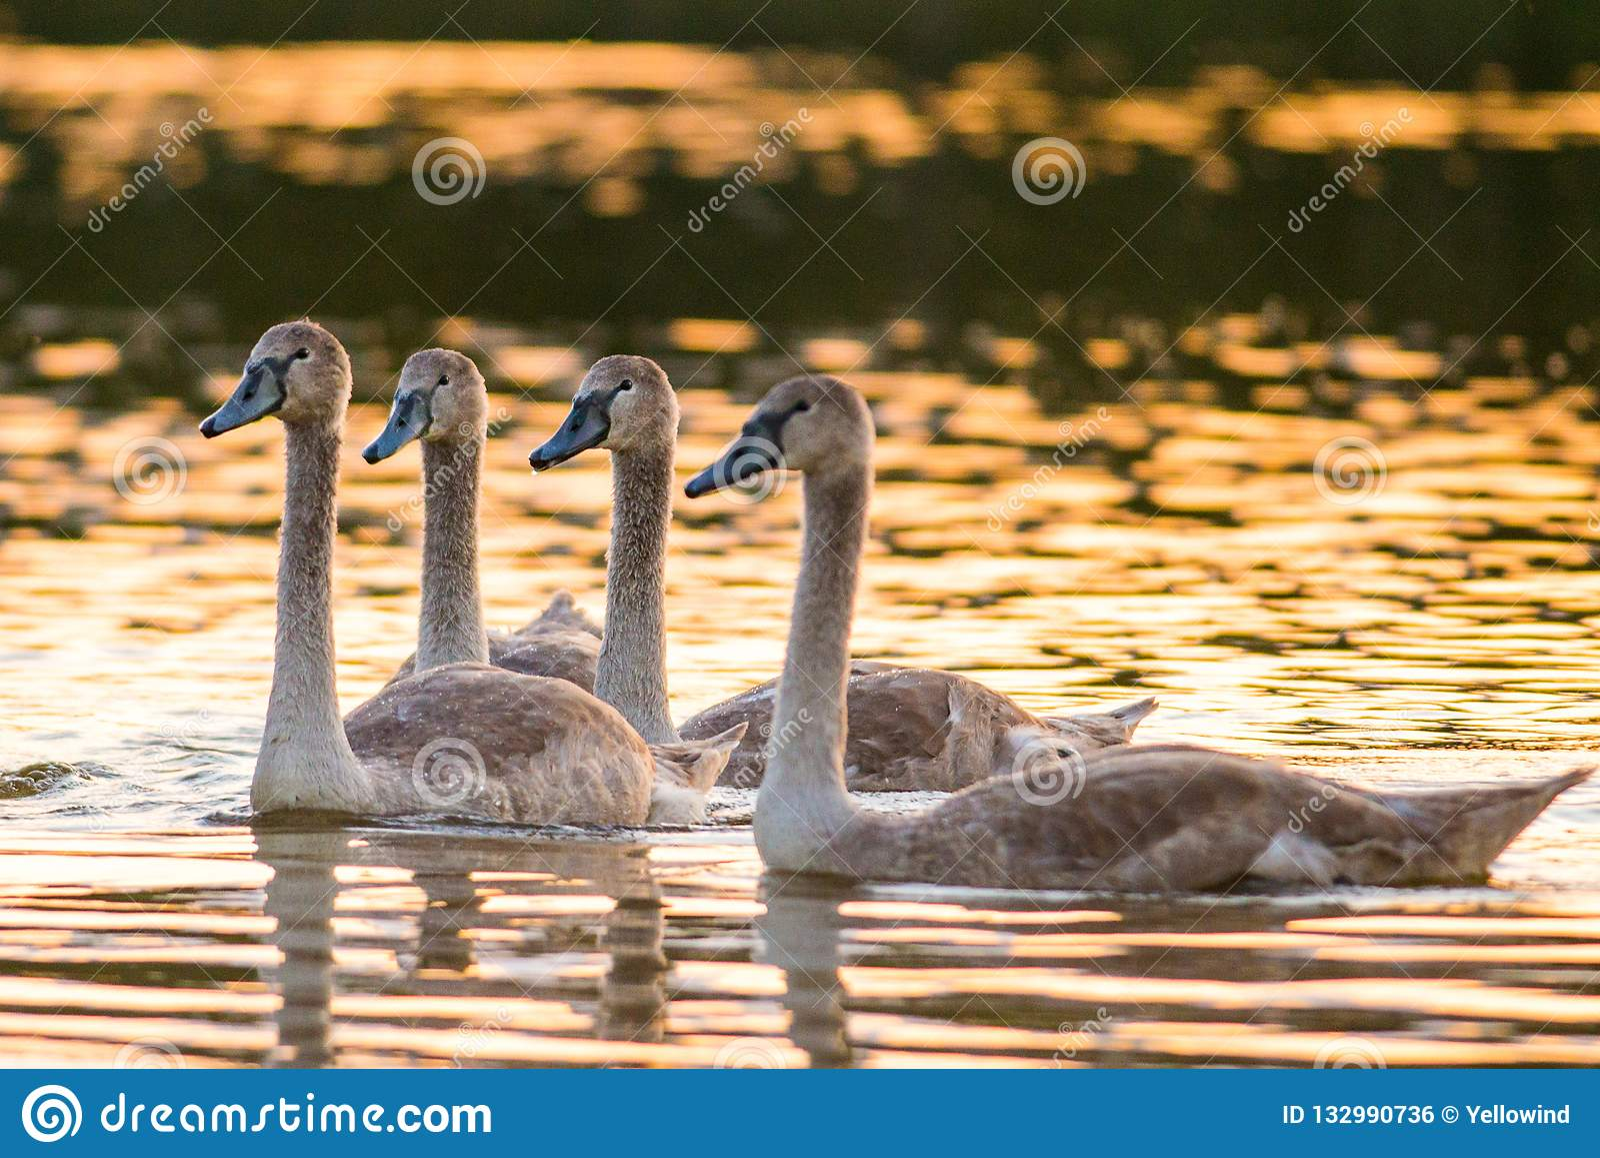 Quatro cisnes mudas novas no lago